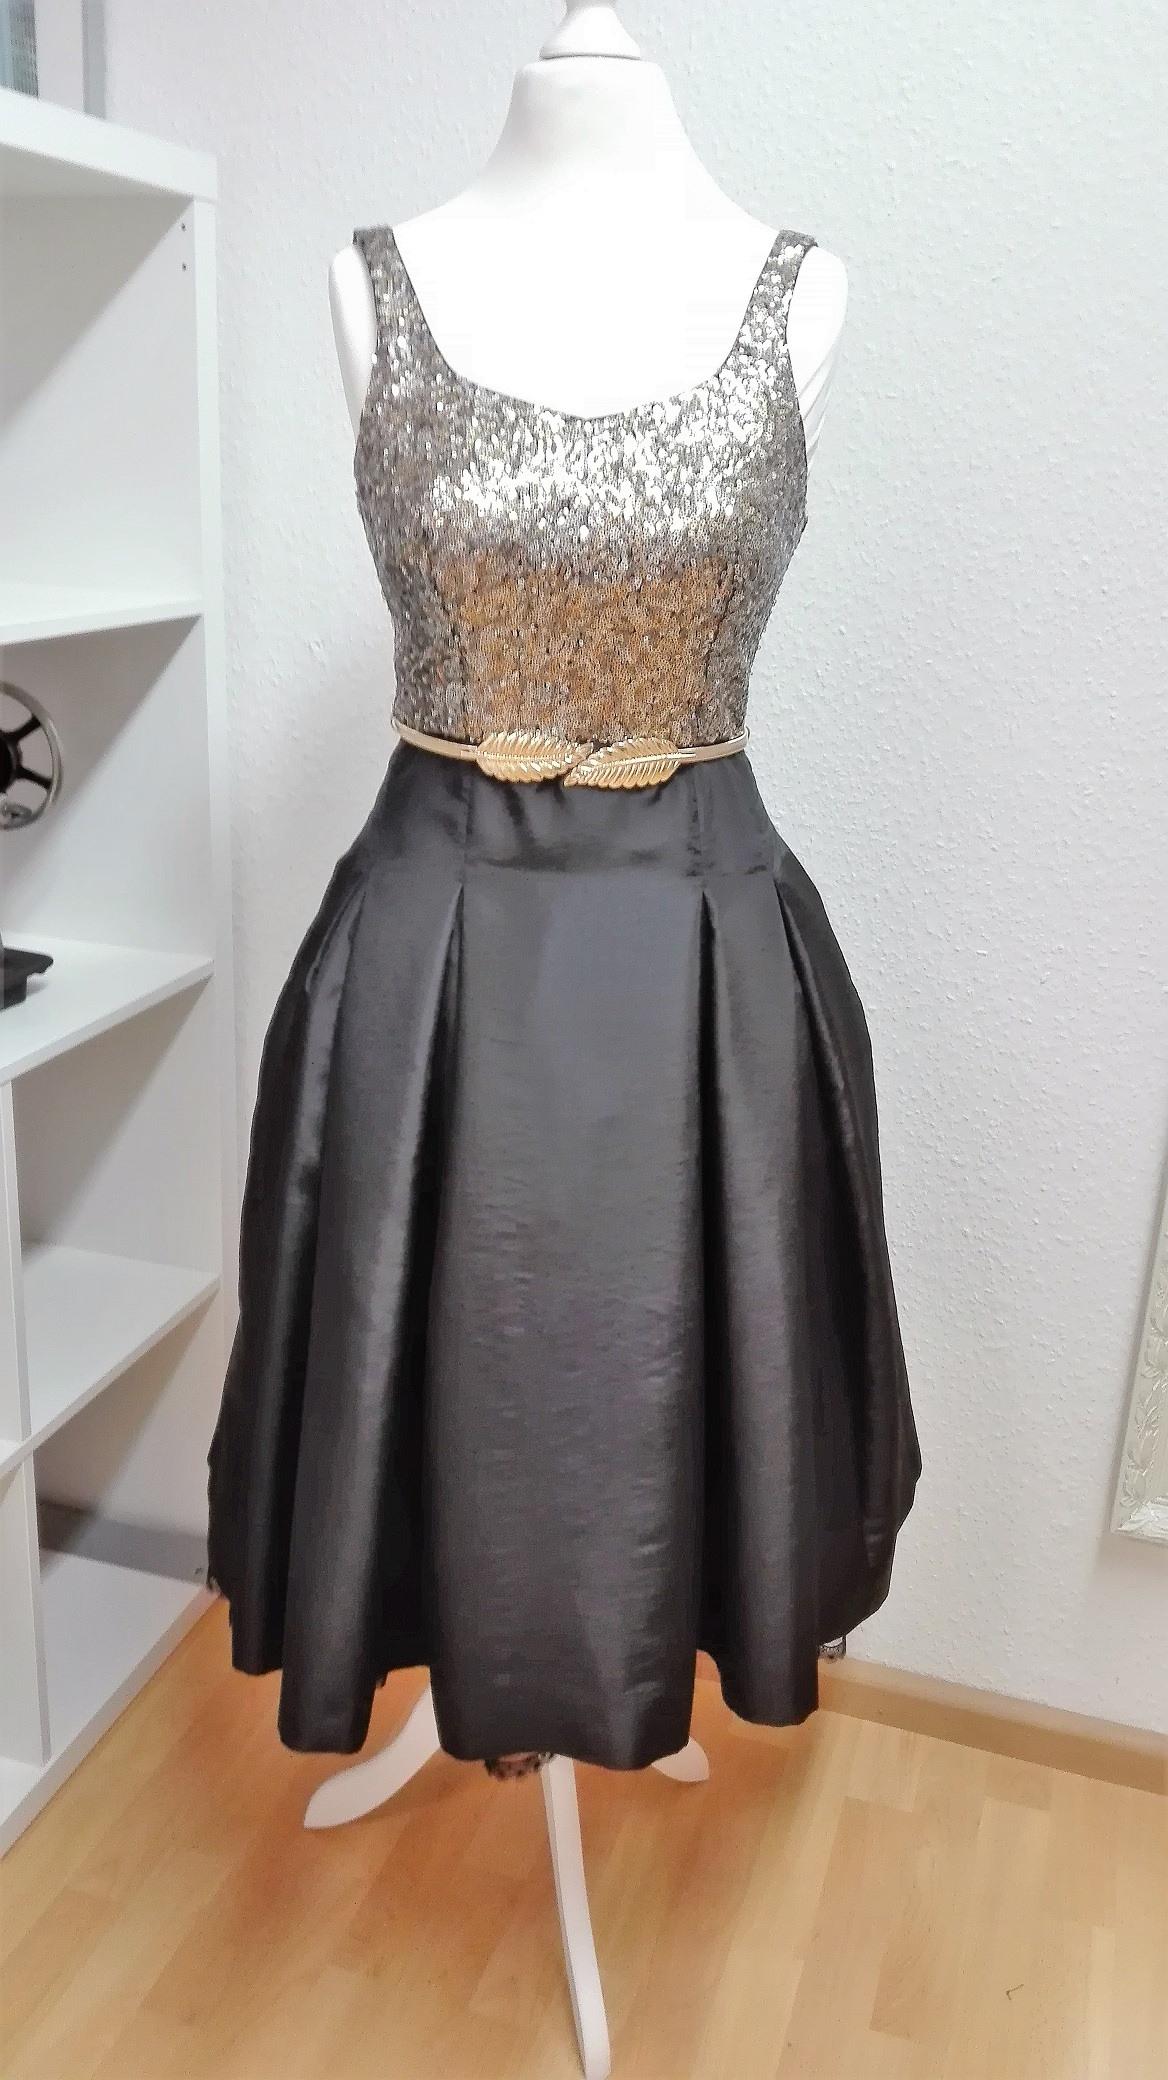 15 Luxus Abendkleid Kürzen Preis Stylish17 Einfach Abendkleid Kürzen Preis Boutique